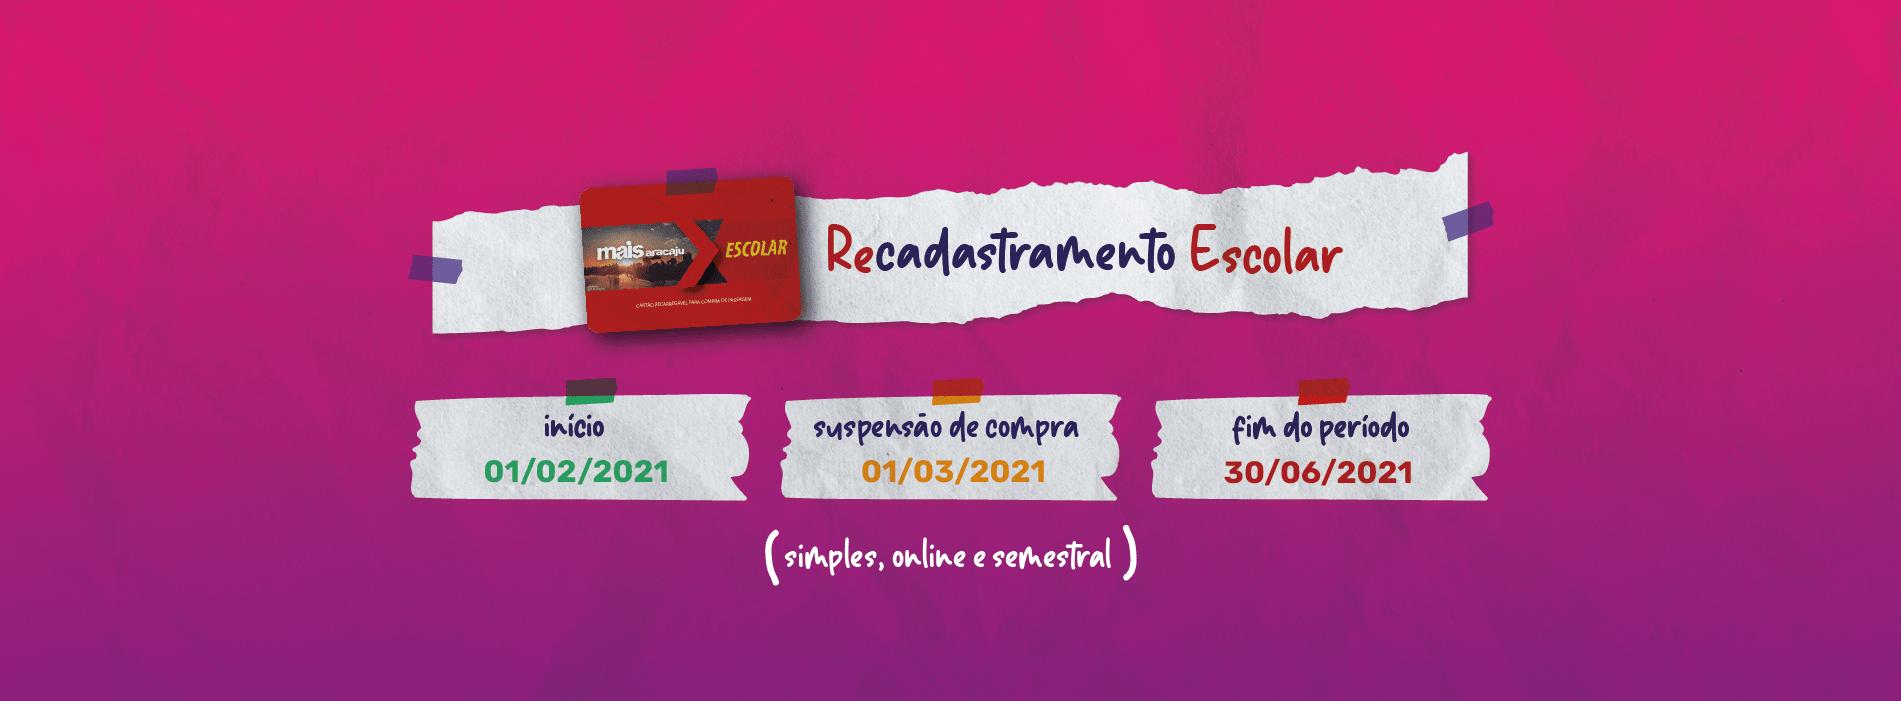 01.-CAD-RECAD-2020_Prancheta-1-cópia-min